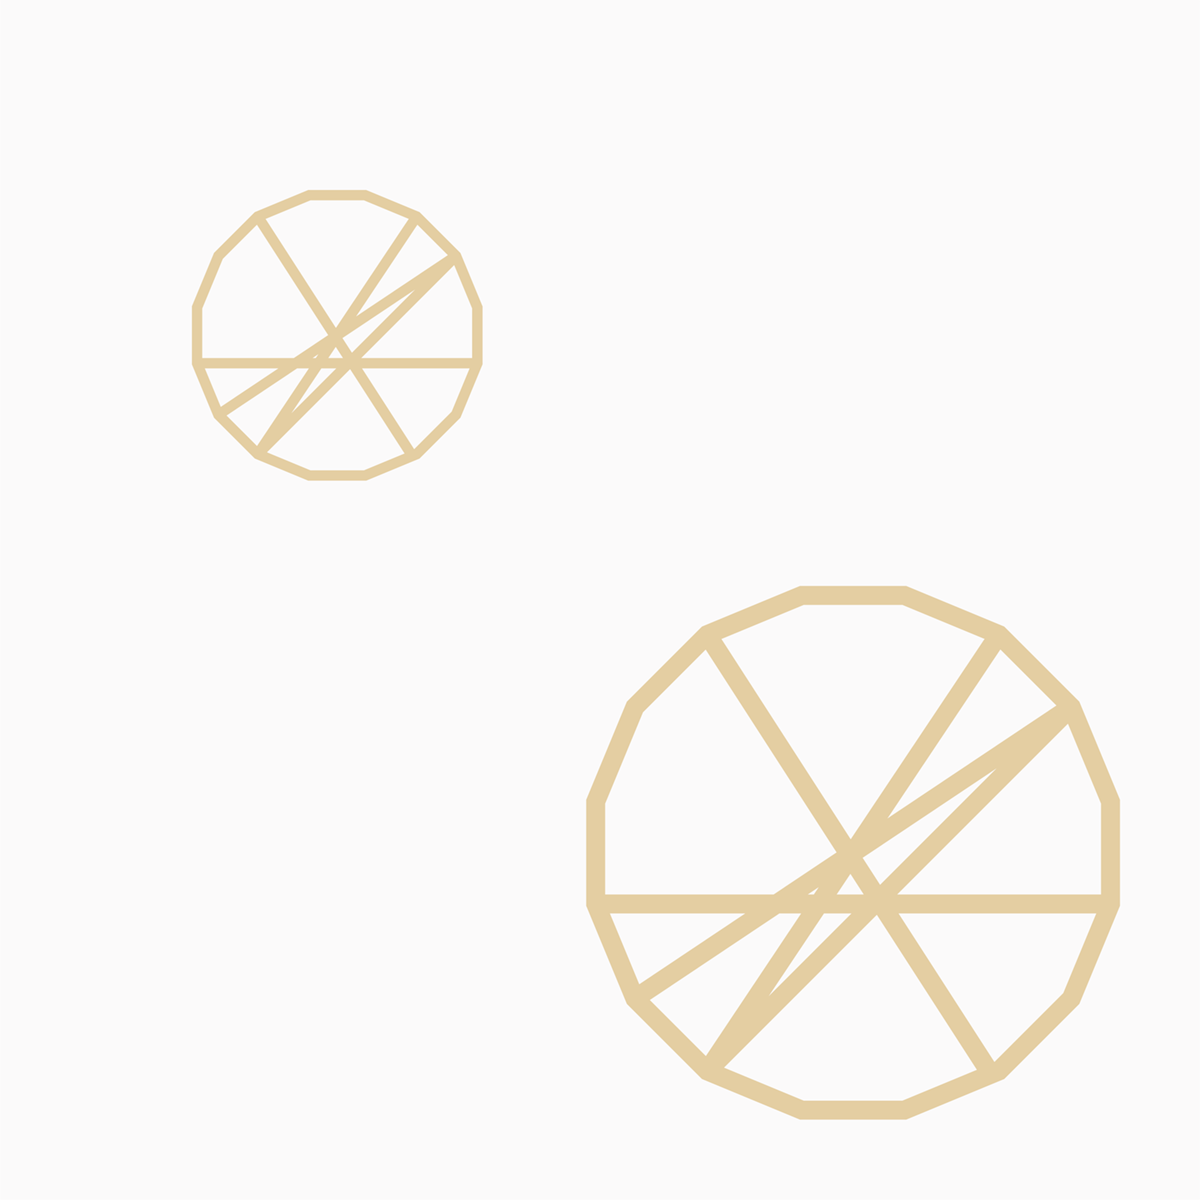 Claras garn logo Ikon